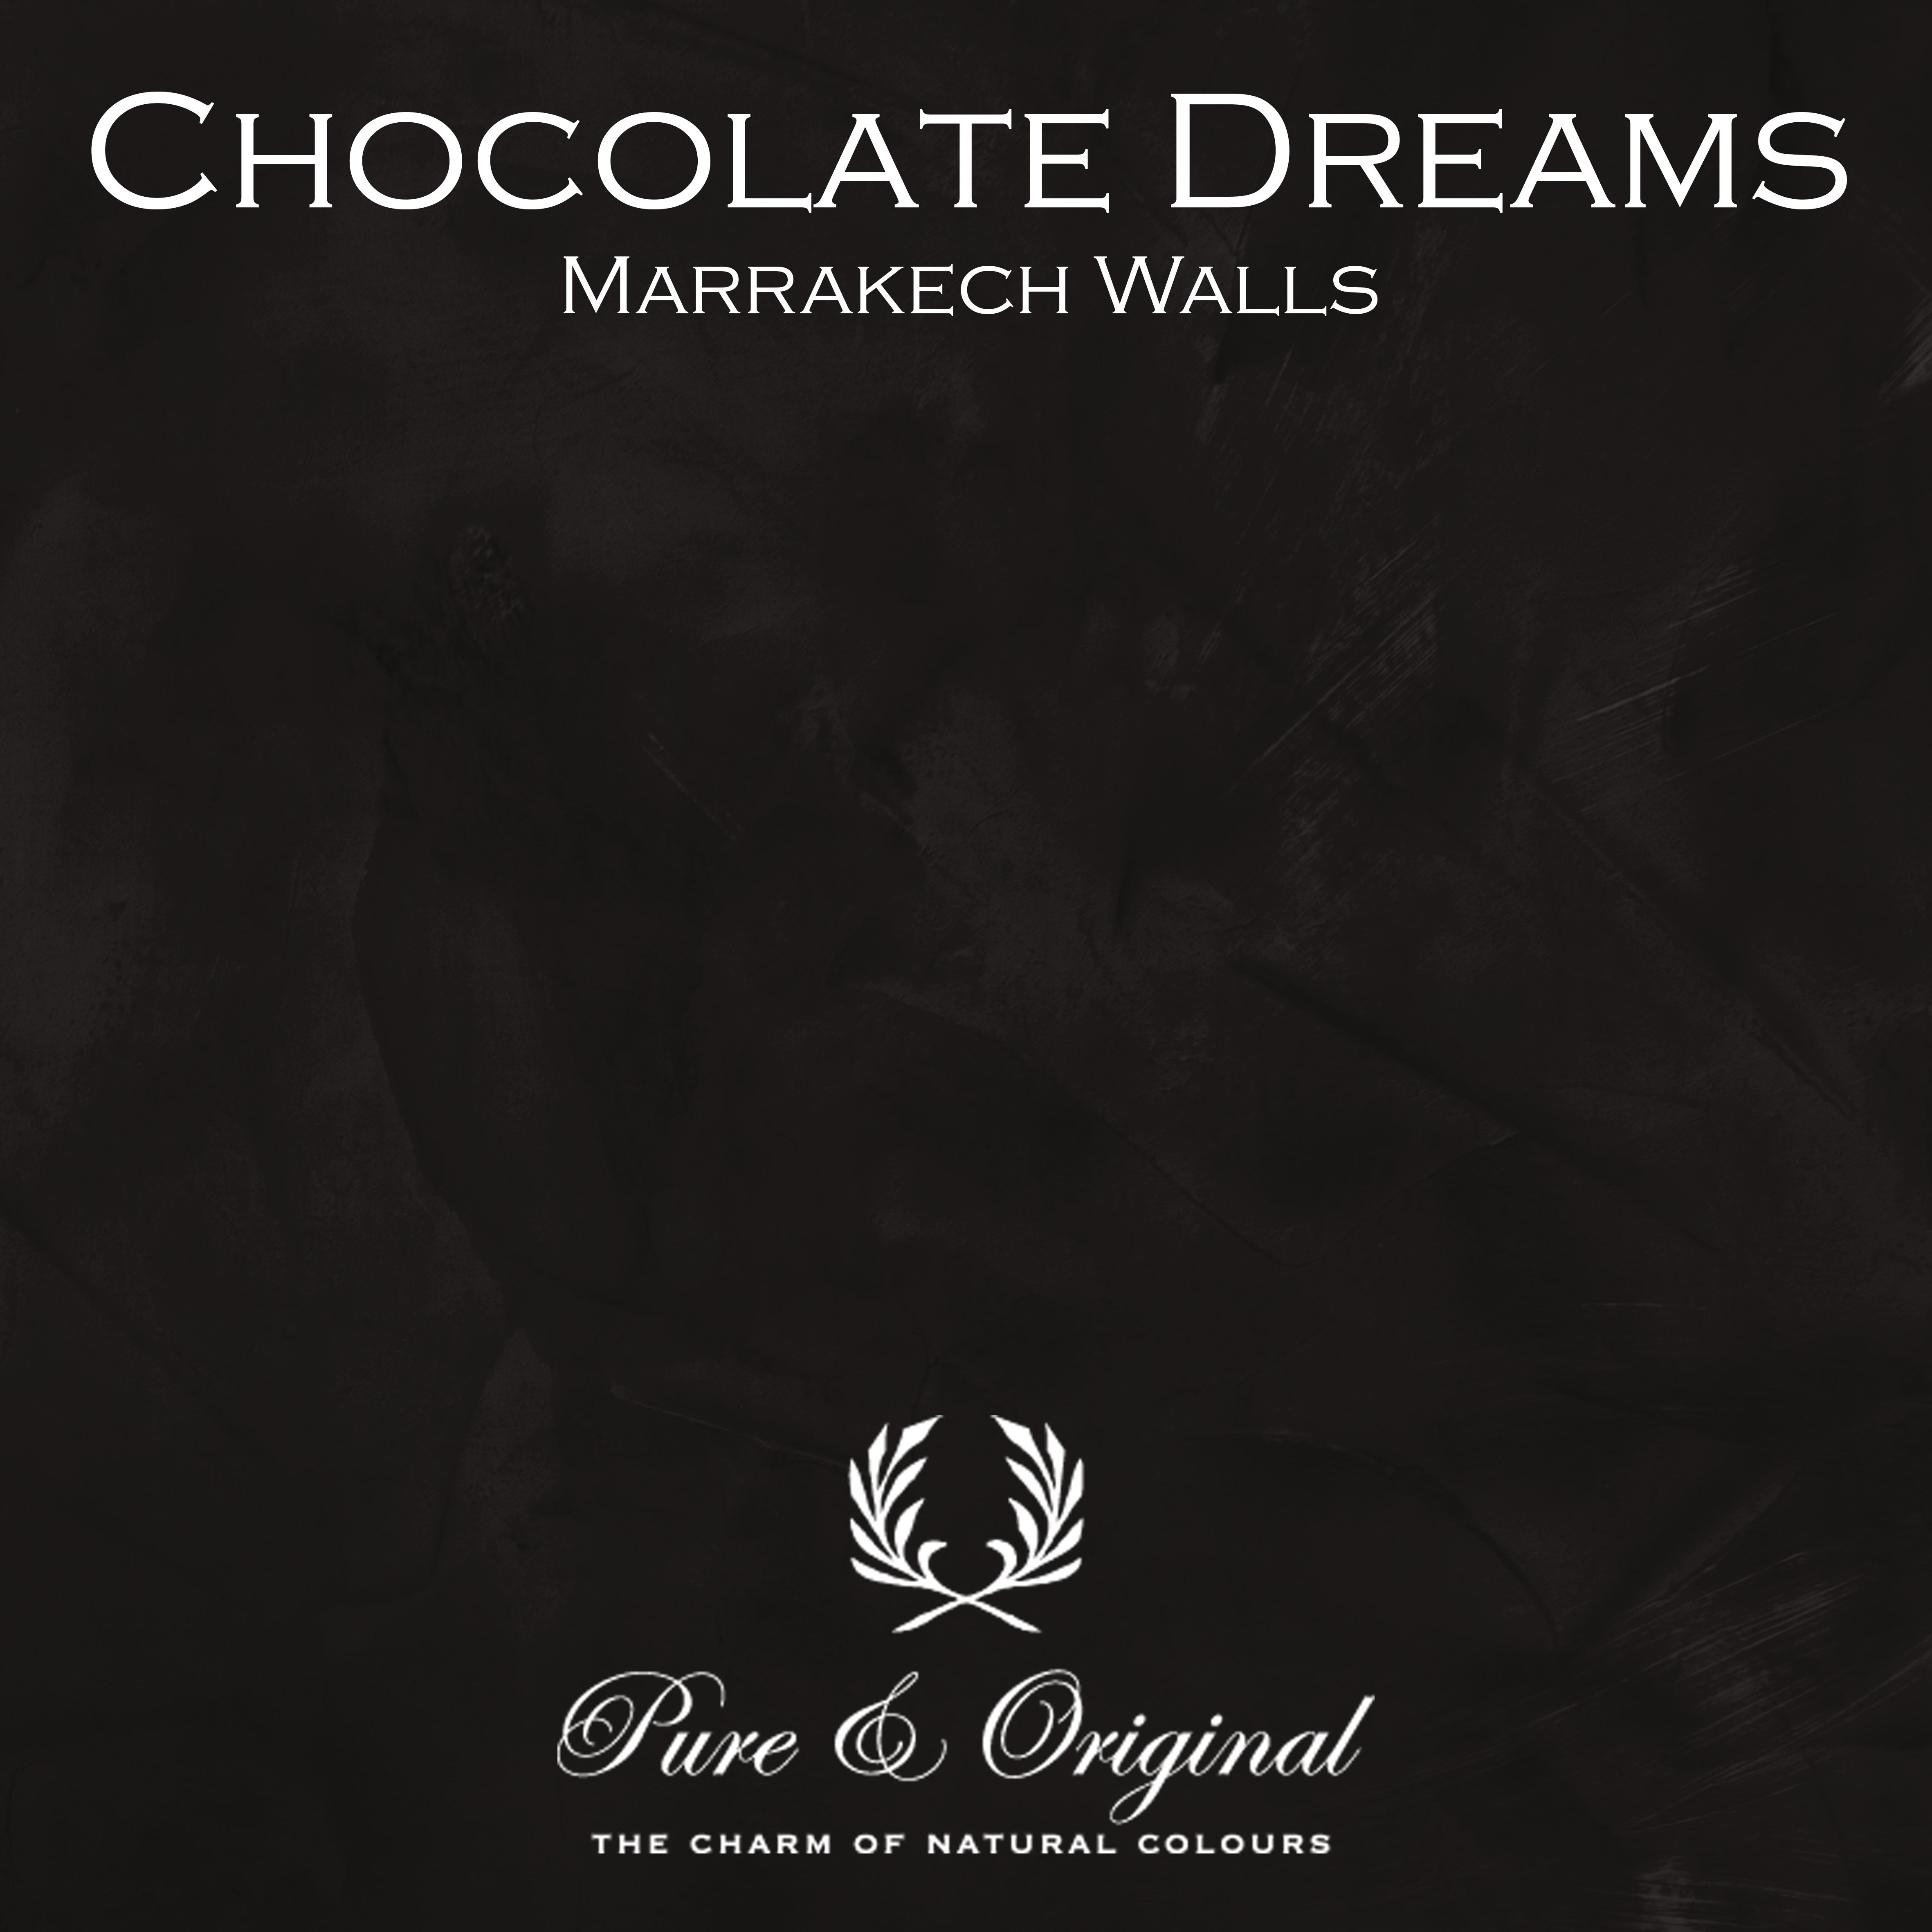 Kulör Chocolate Dreams, Marrakech Walls kalkfärg